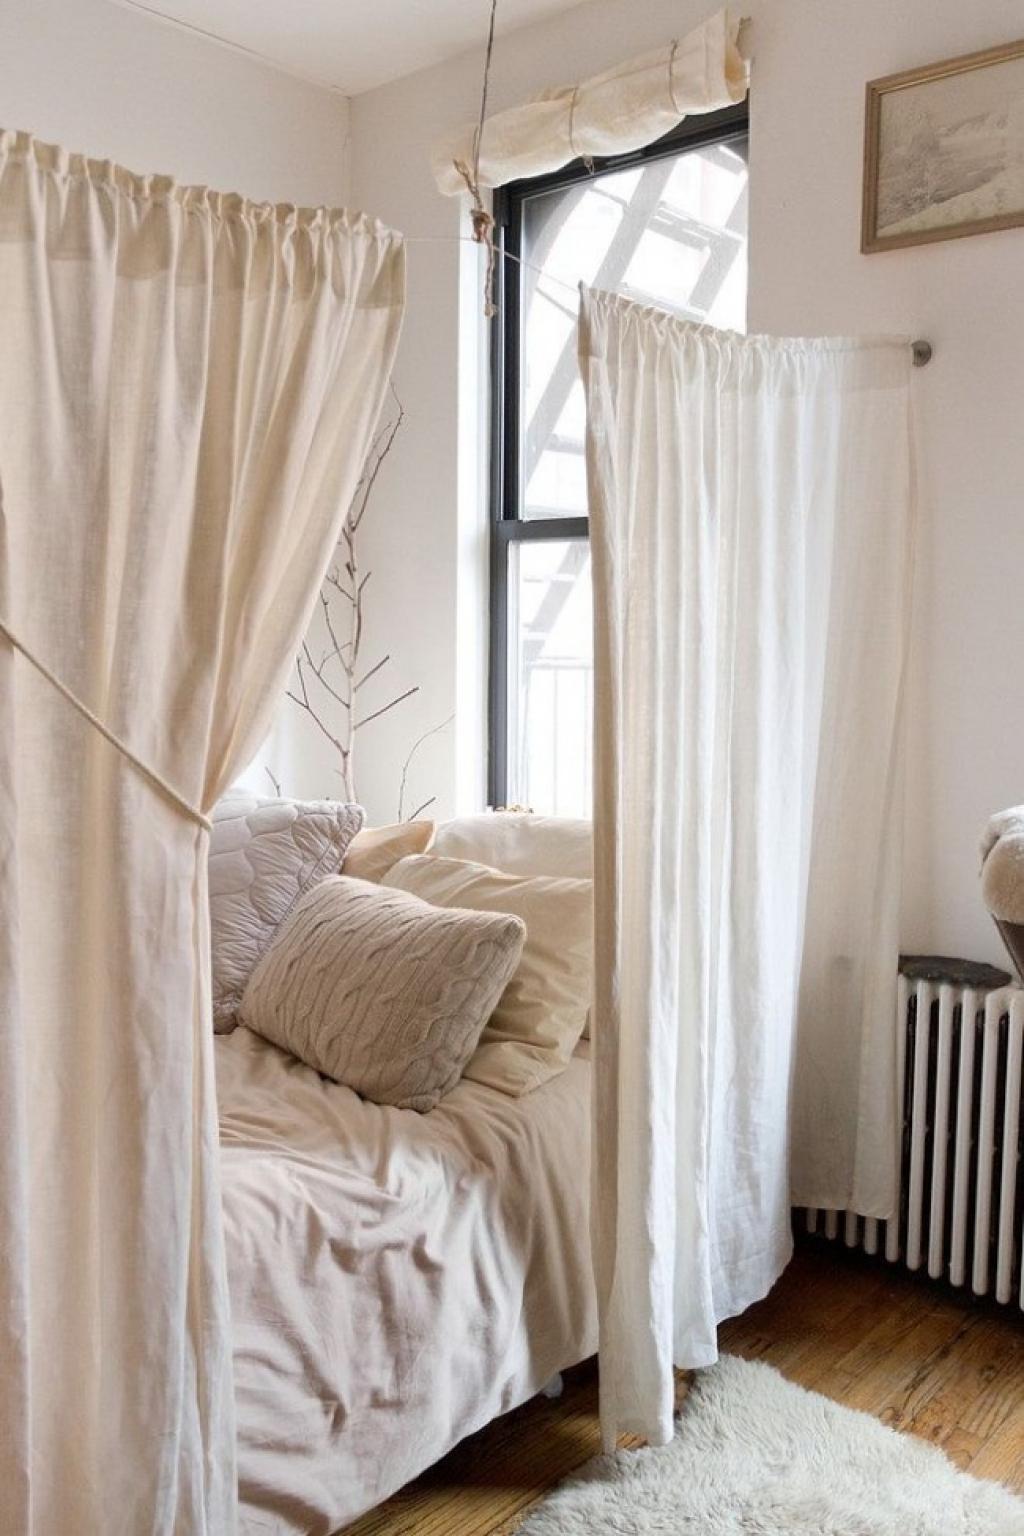 isoler une chambre best cloison pour separer une chambre. Black Bedroom Furniture Sets. Home Design Ideas